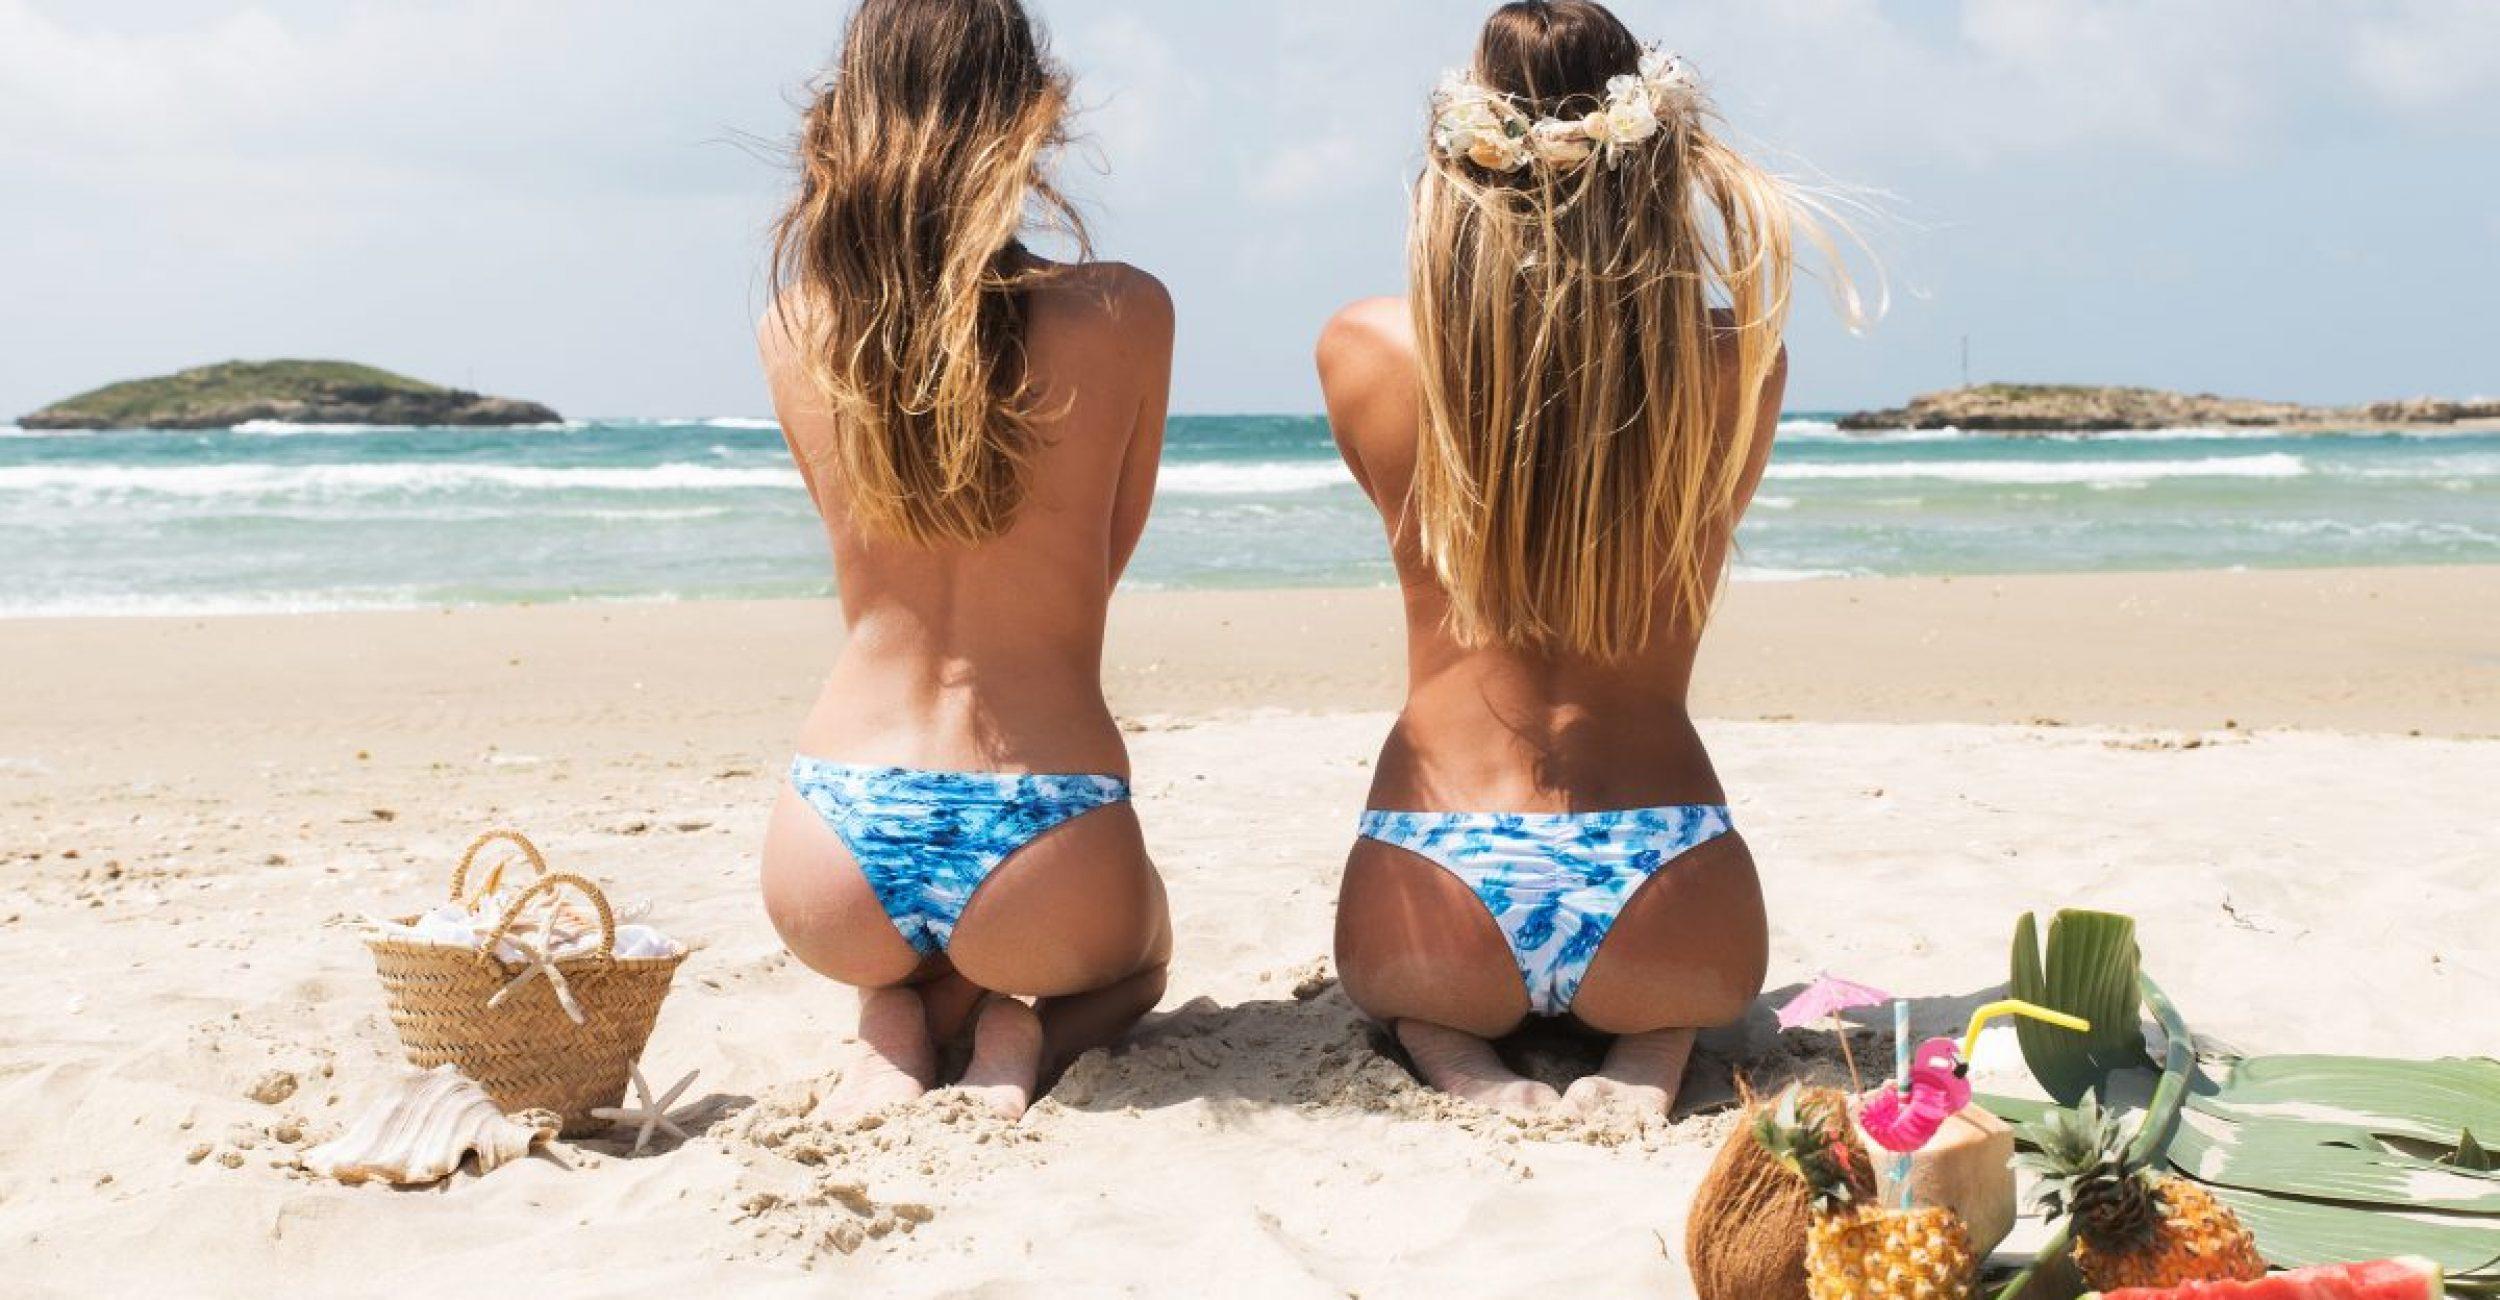 lili bikini